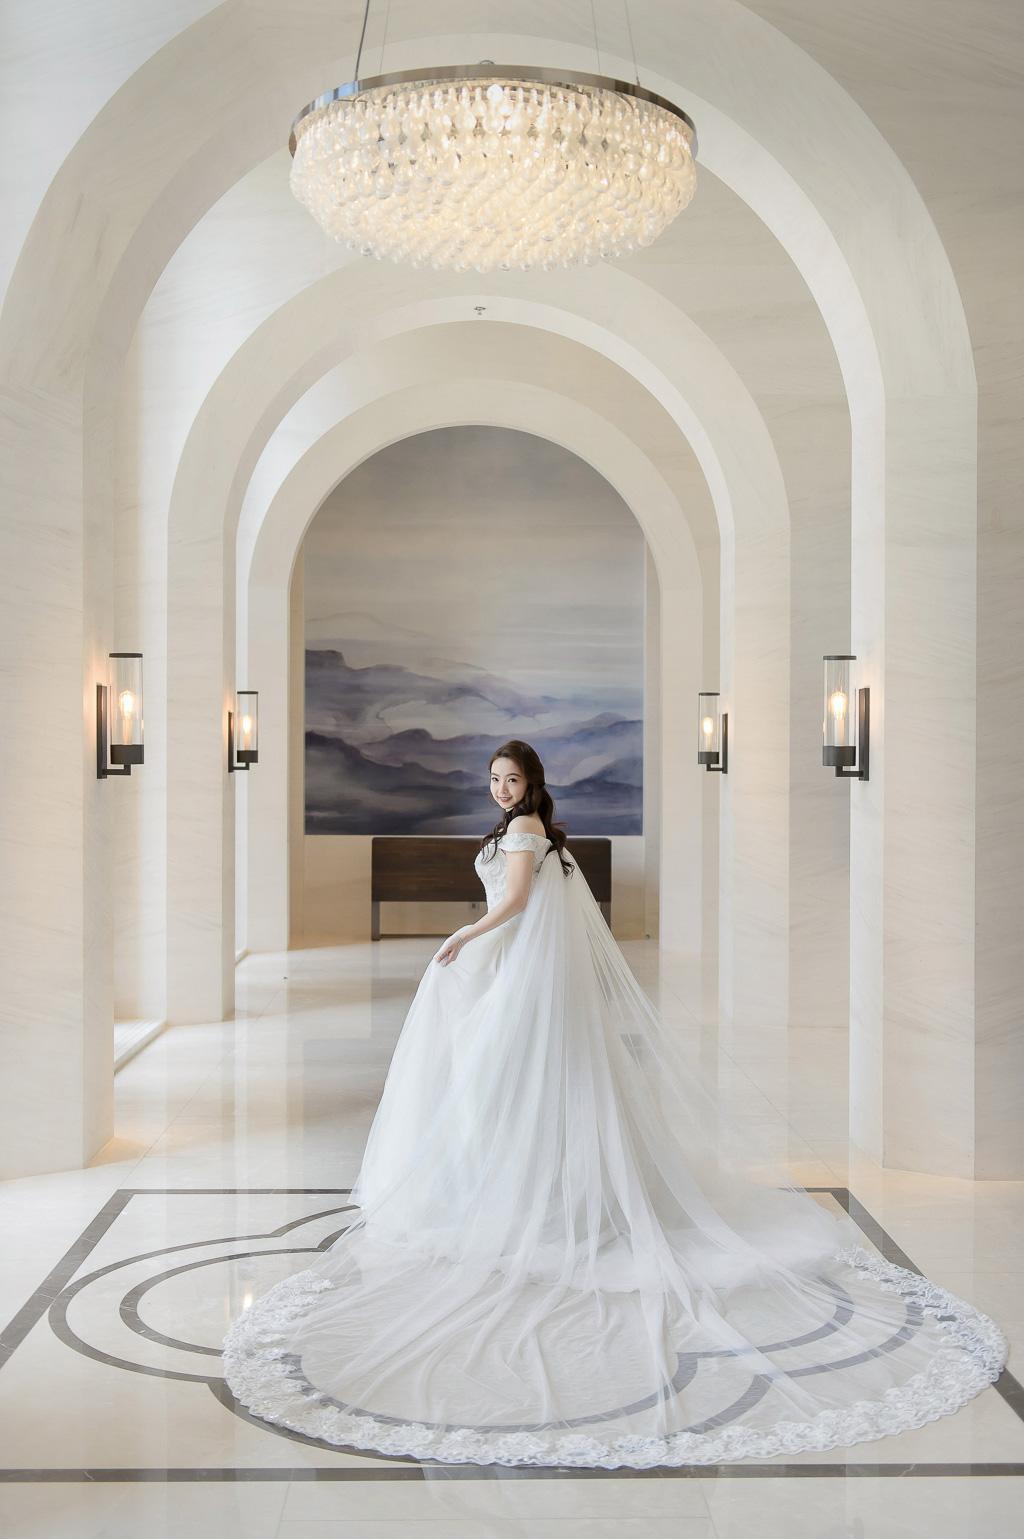 婚攝小勇,小寶團隊, 自助婚紗, 婚禮紀錄,朱飾戴吉-新娘秘書, 萬豪酒店,台北婚攝,wedding day-106